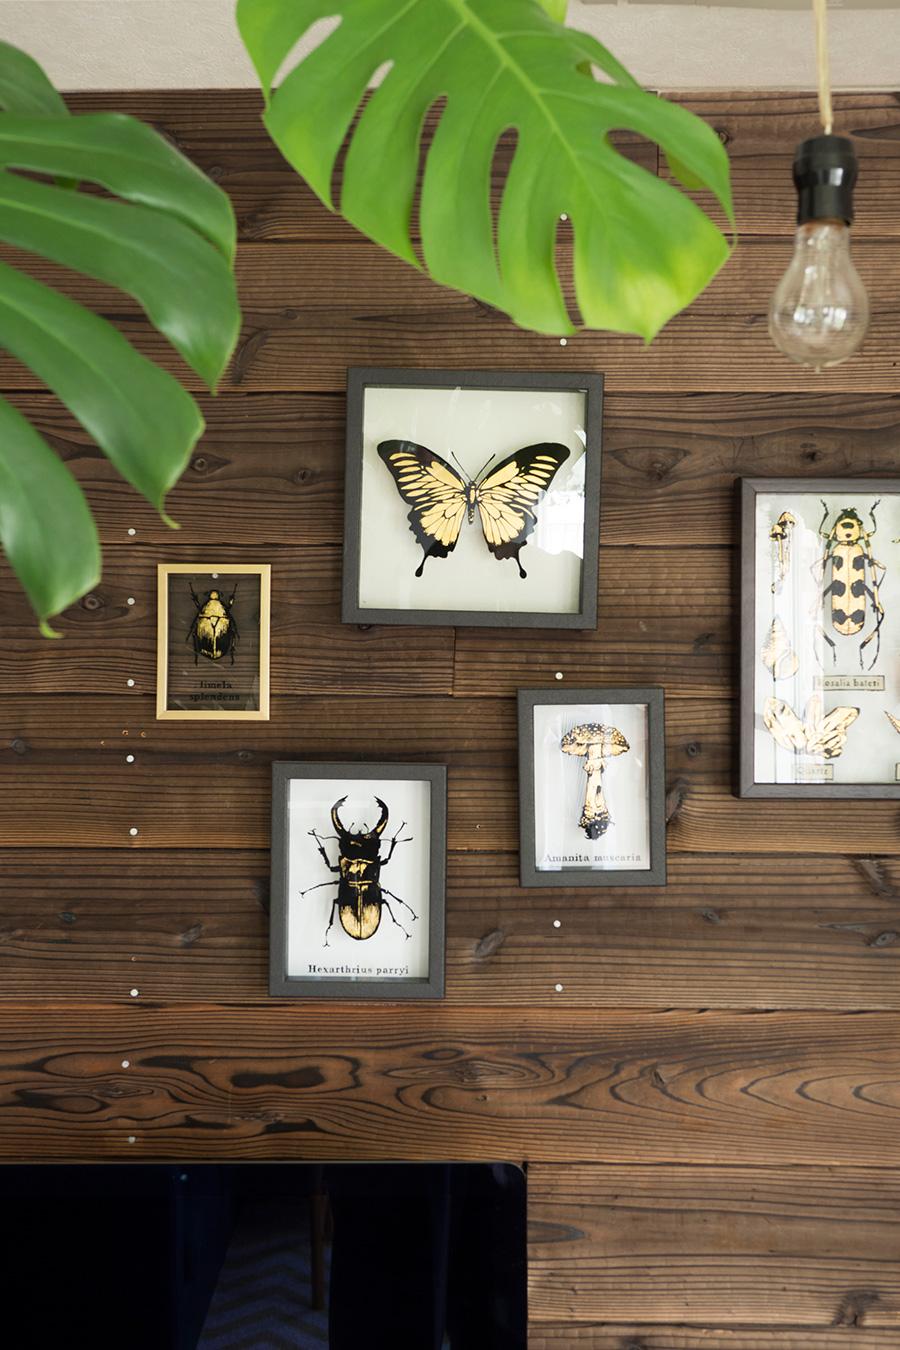 金箔とOne shotペイントでつくった昆虫標本を飾る。金属っぽい雰囲気と木材の組み合わせがマッチ。